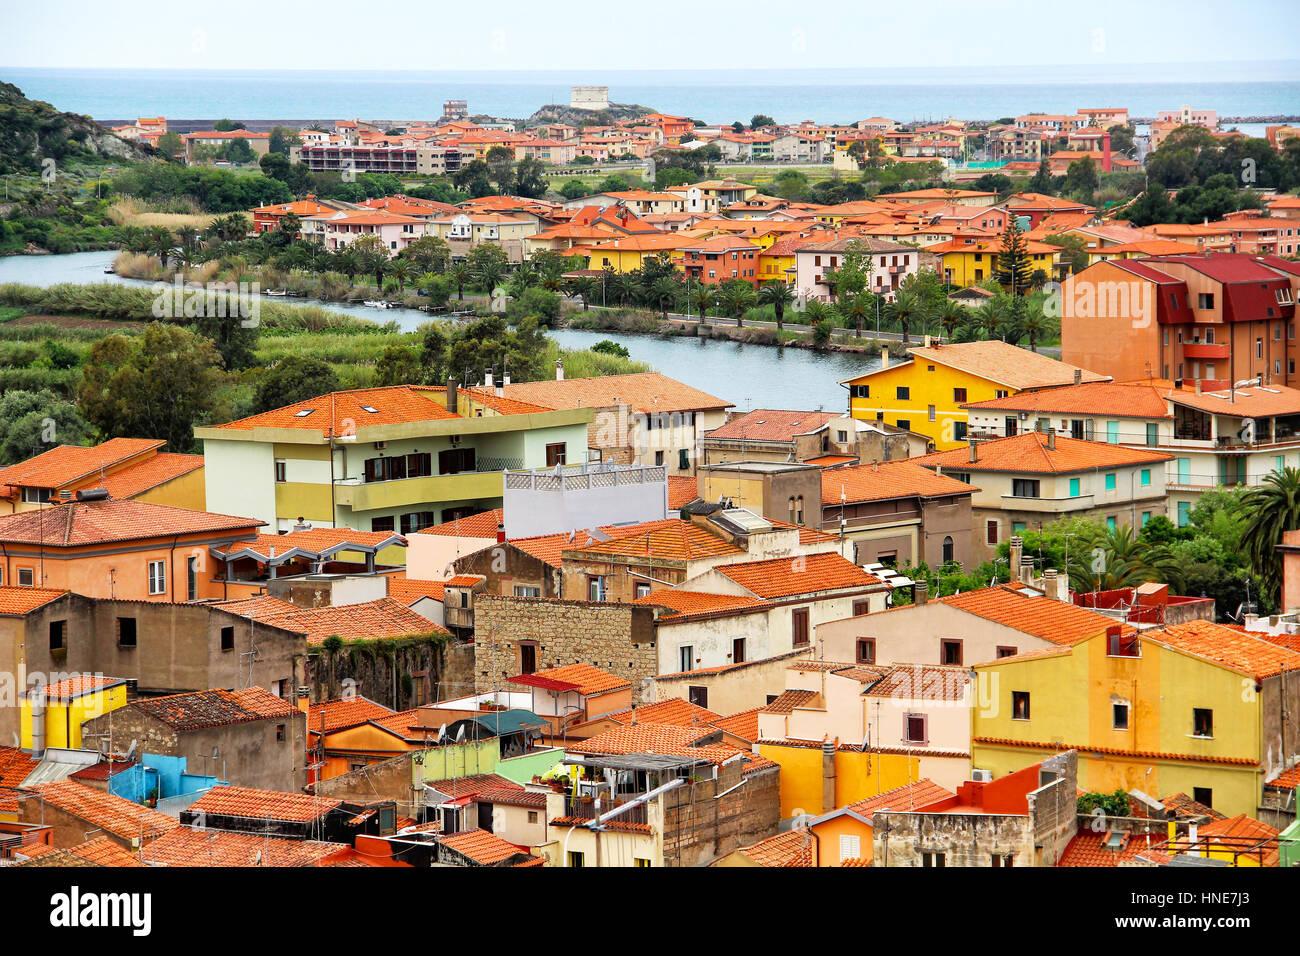 Ciudad Medieval de Bosa y temo river, Cerdeña, Italia Foto de stock